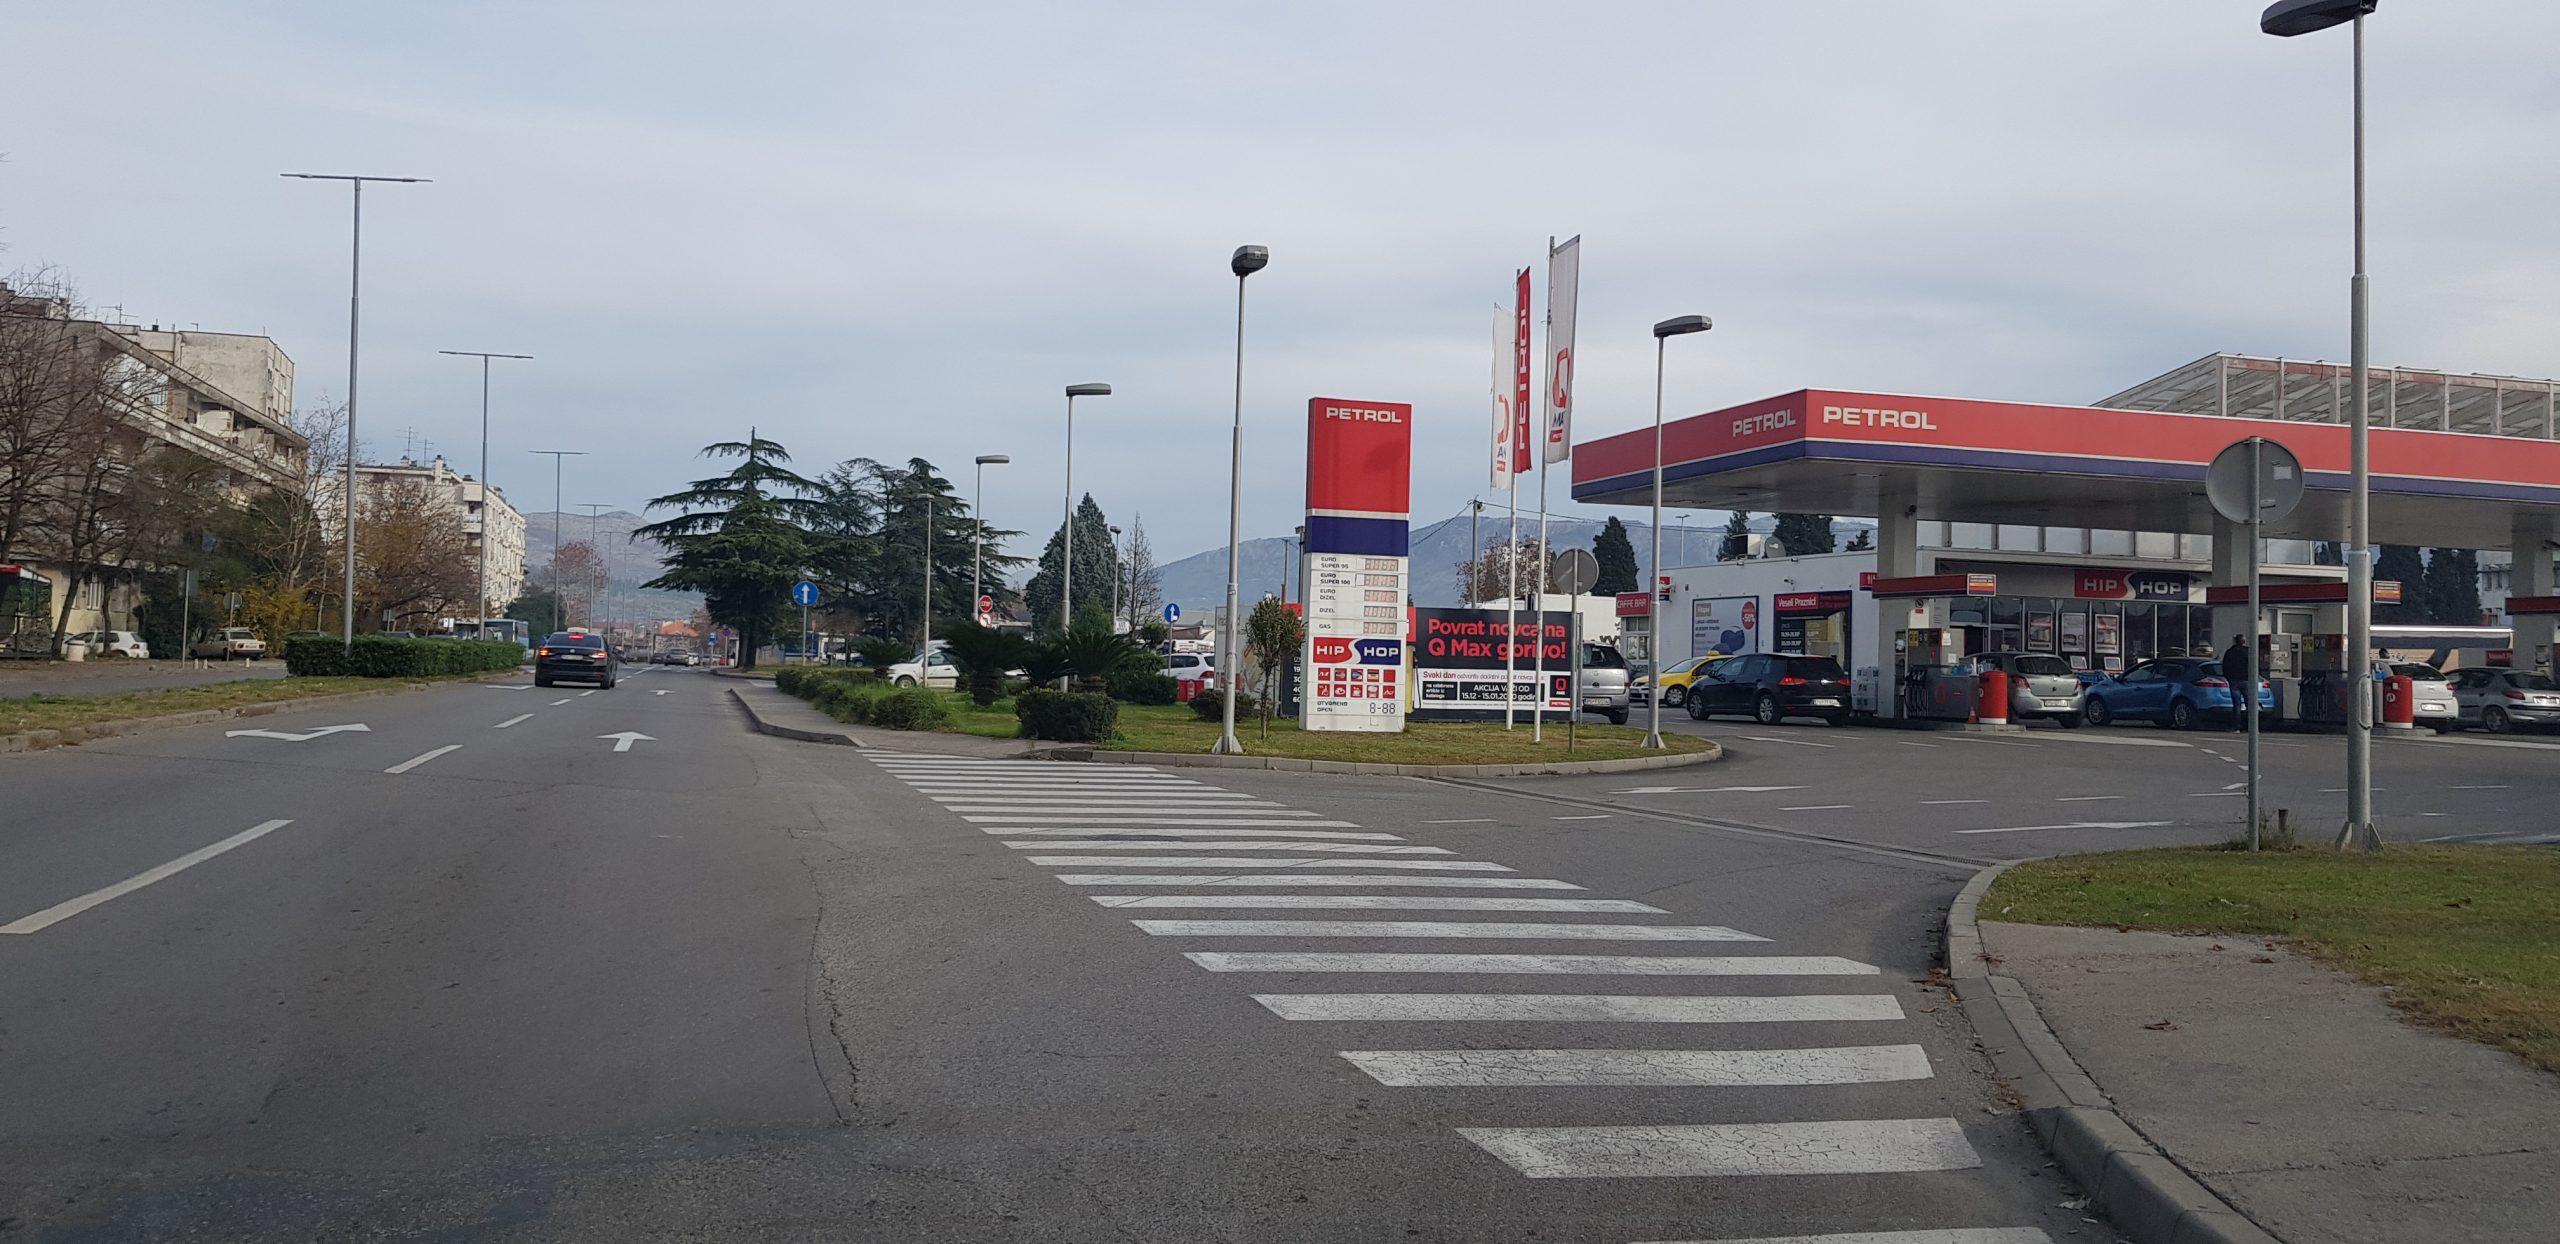 """Benzinska pumpa ,,PETROL"""" (Foto: Enis Eminović)"""